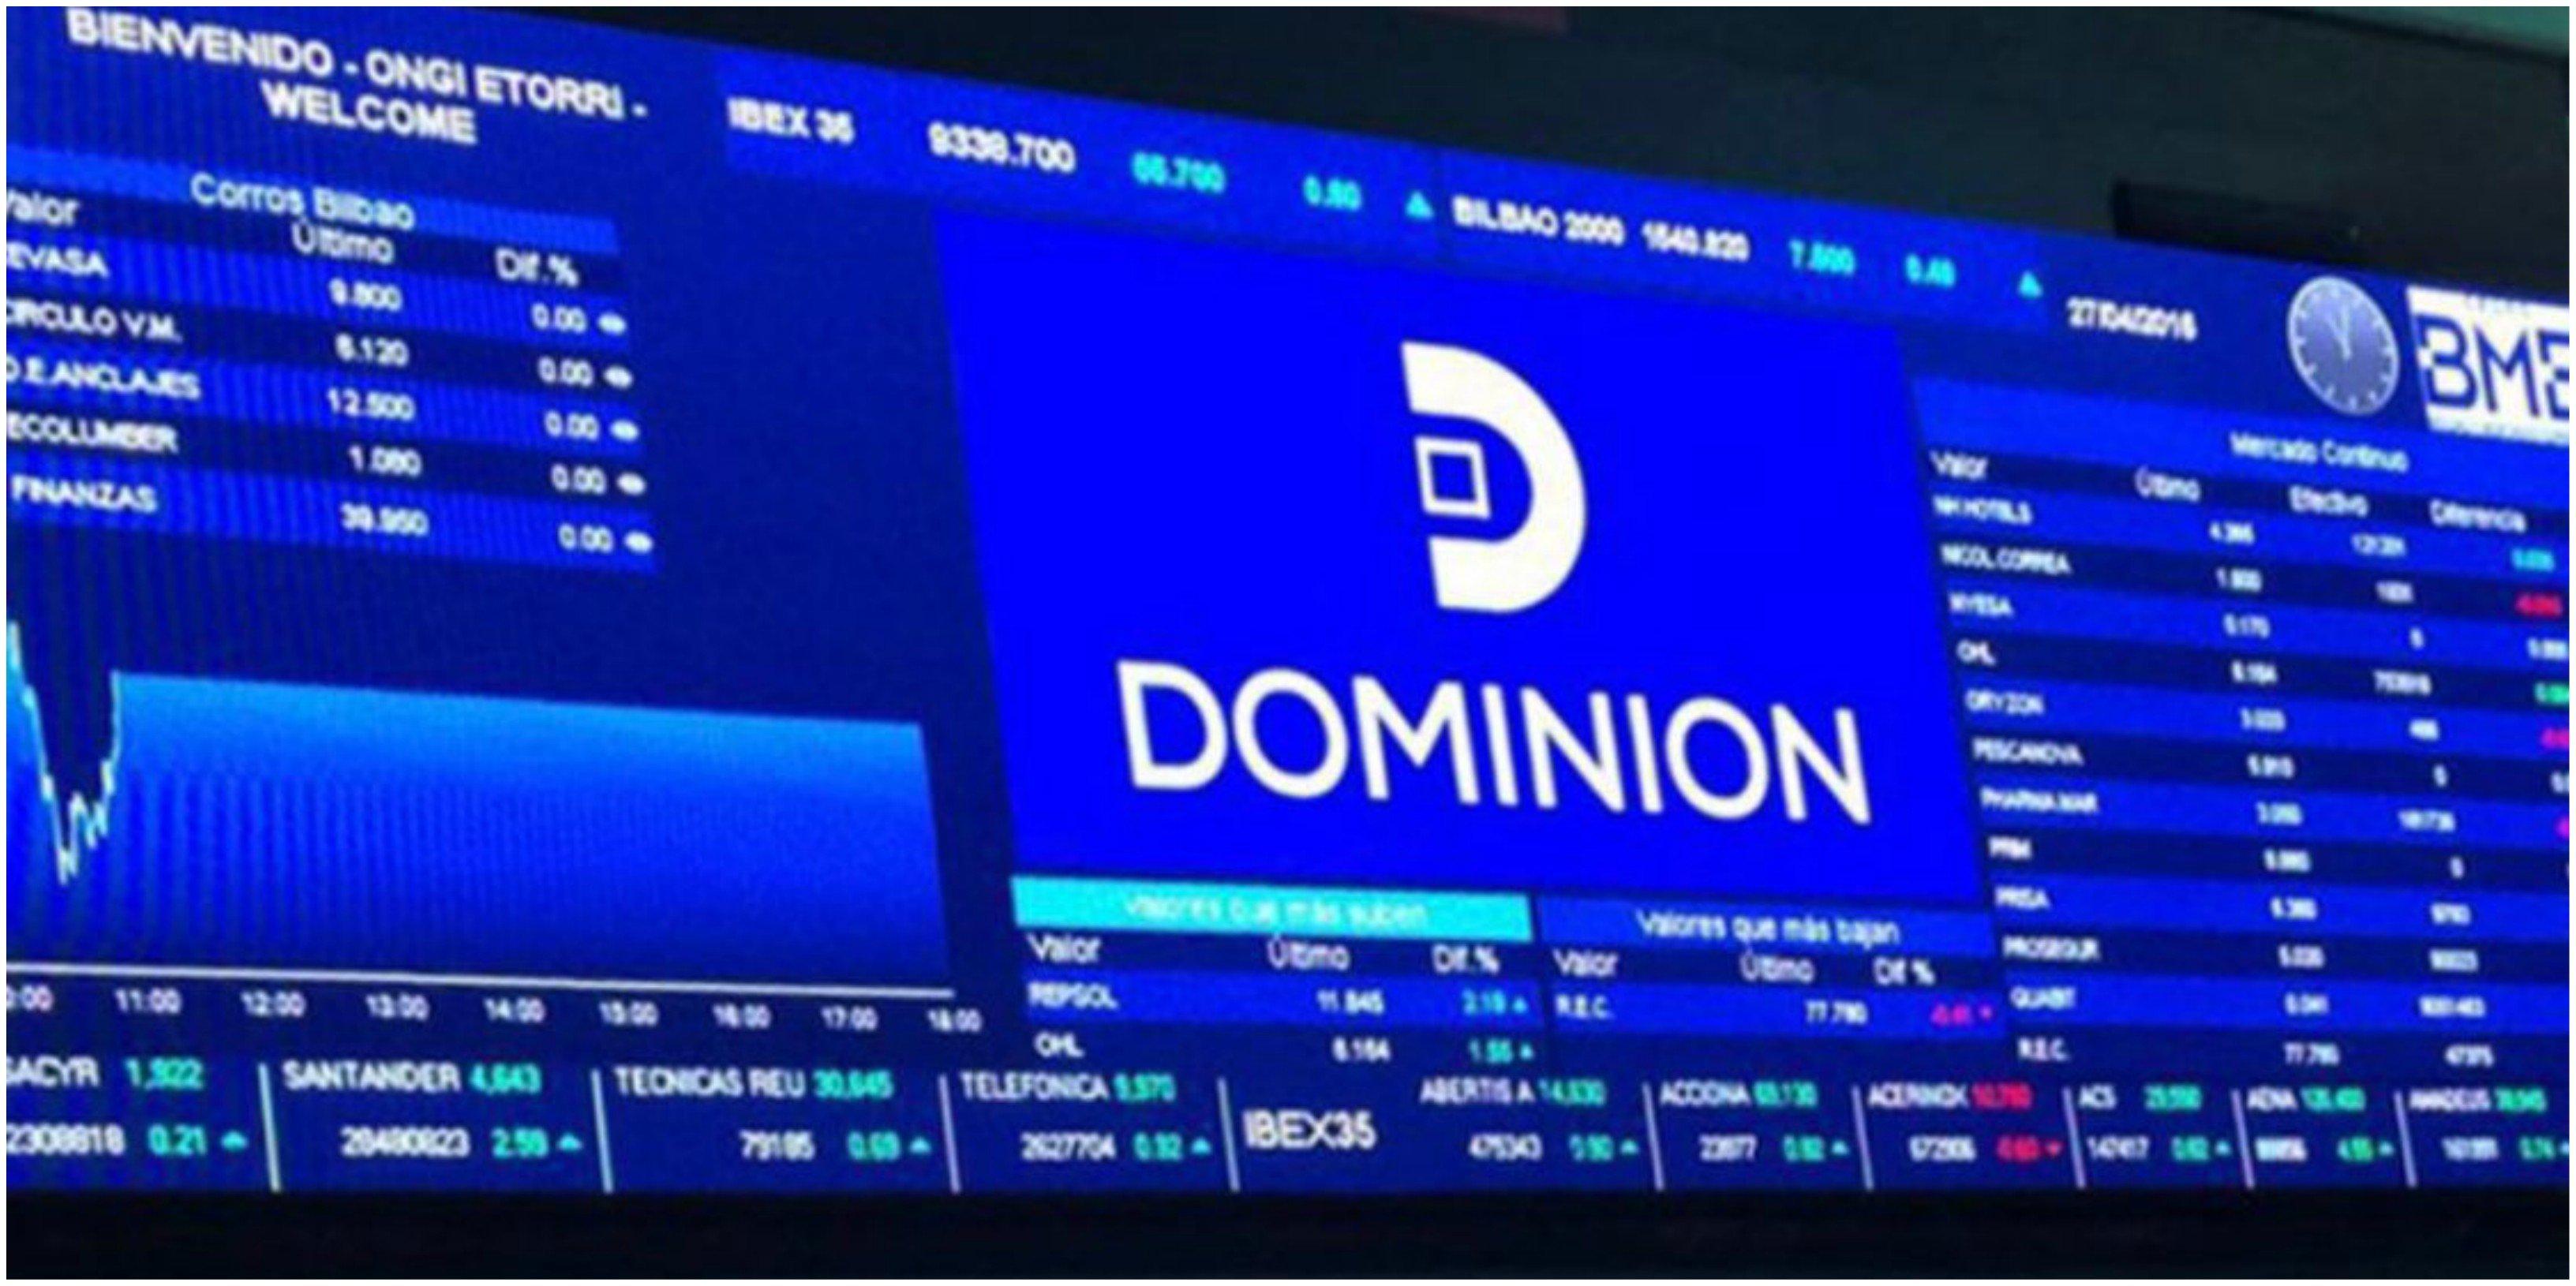 """Global Dominion recorta el beneficio un 43% hasta marzo, a pesar de """"rápida respuesta de la compañía"""" al coronavirus"""